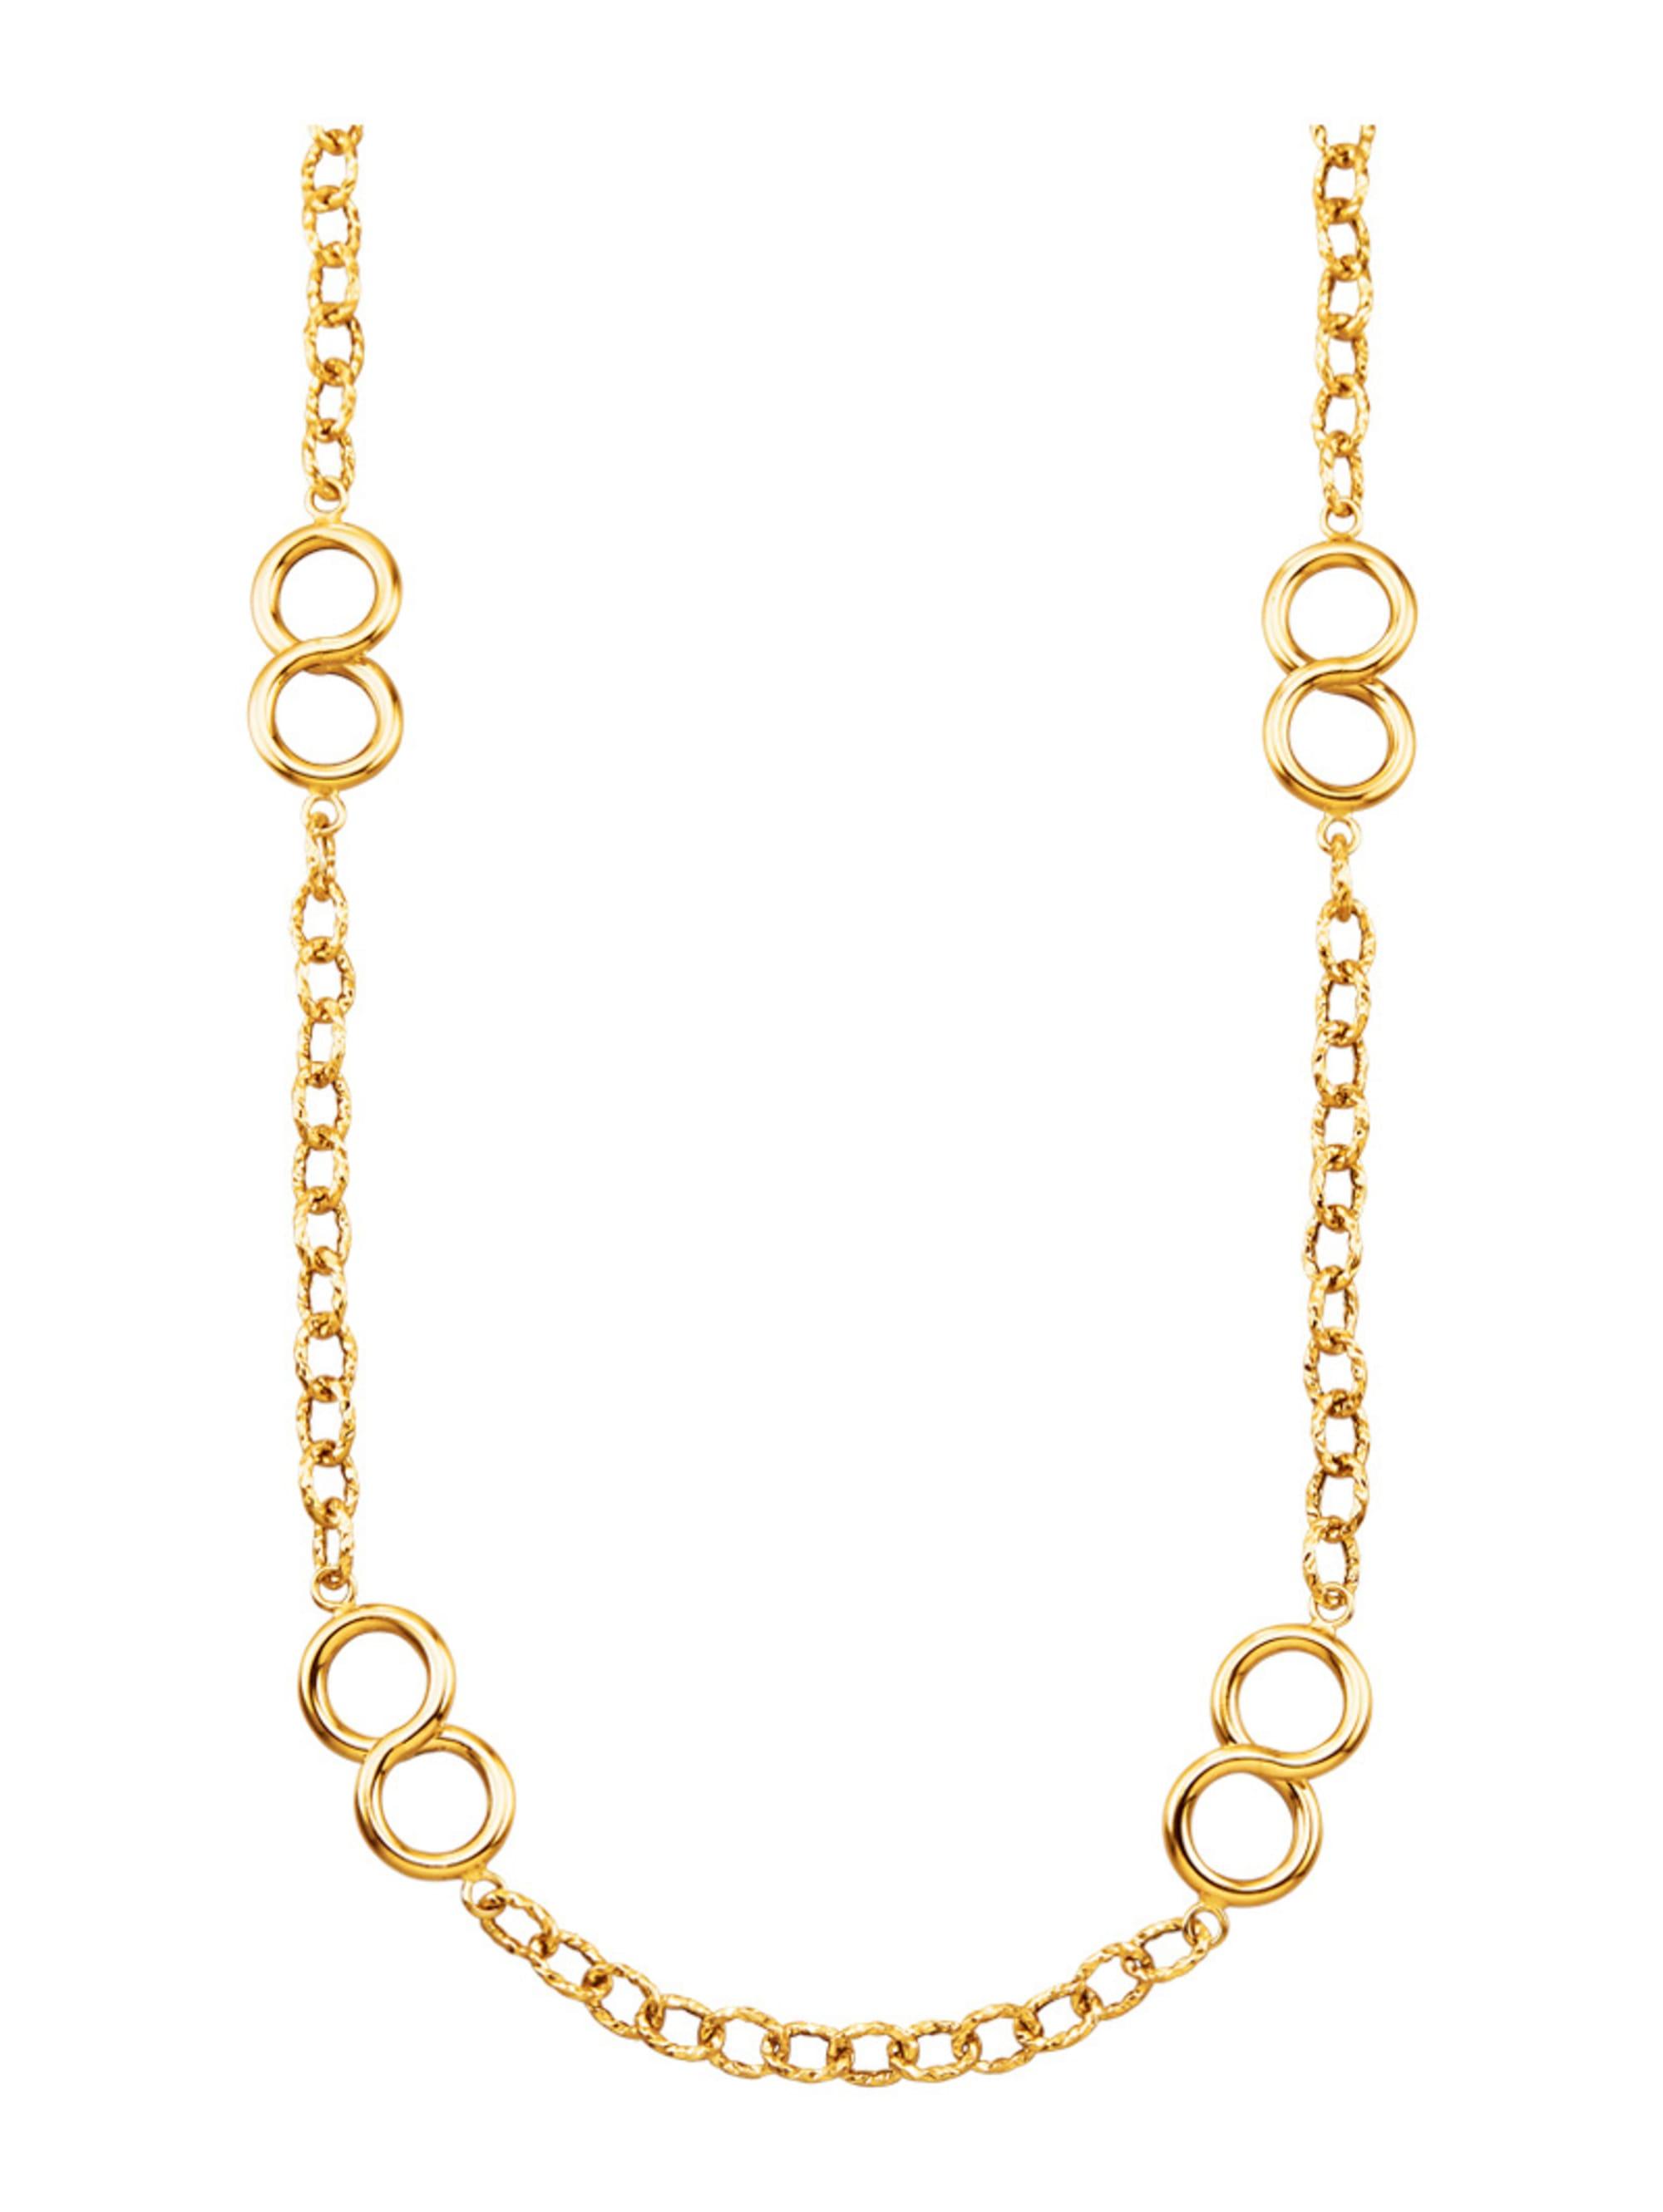 Diemer Gold Halskette in Gelbgold 585 p1RgK